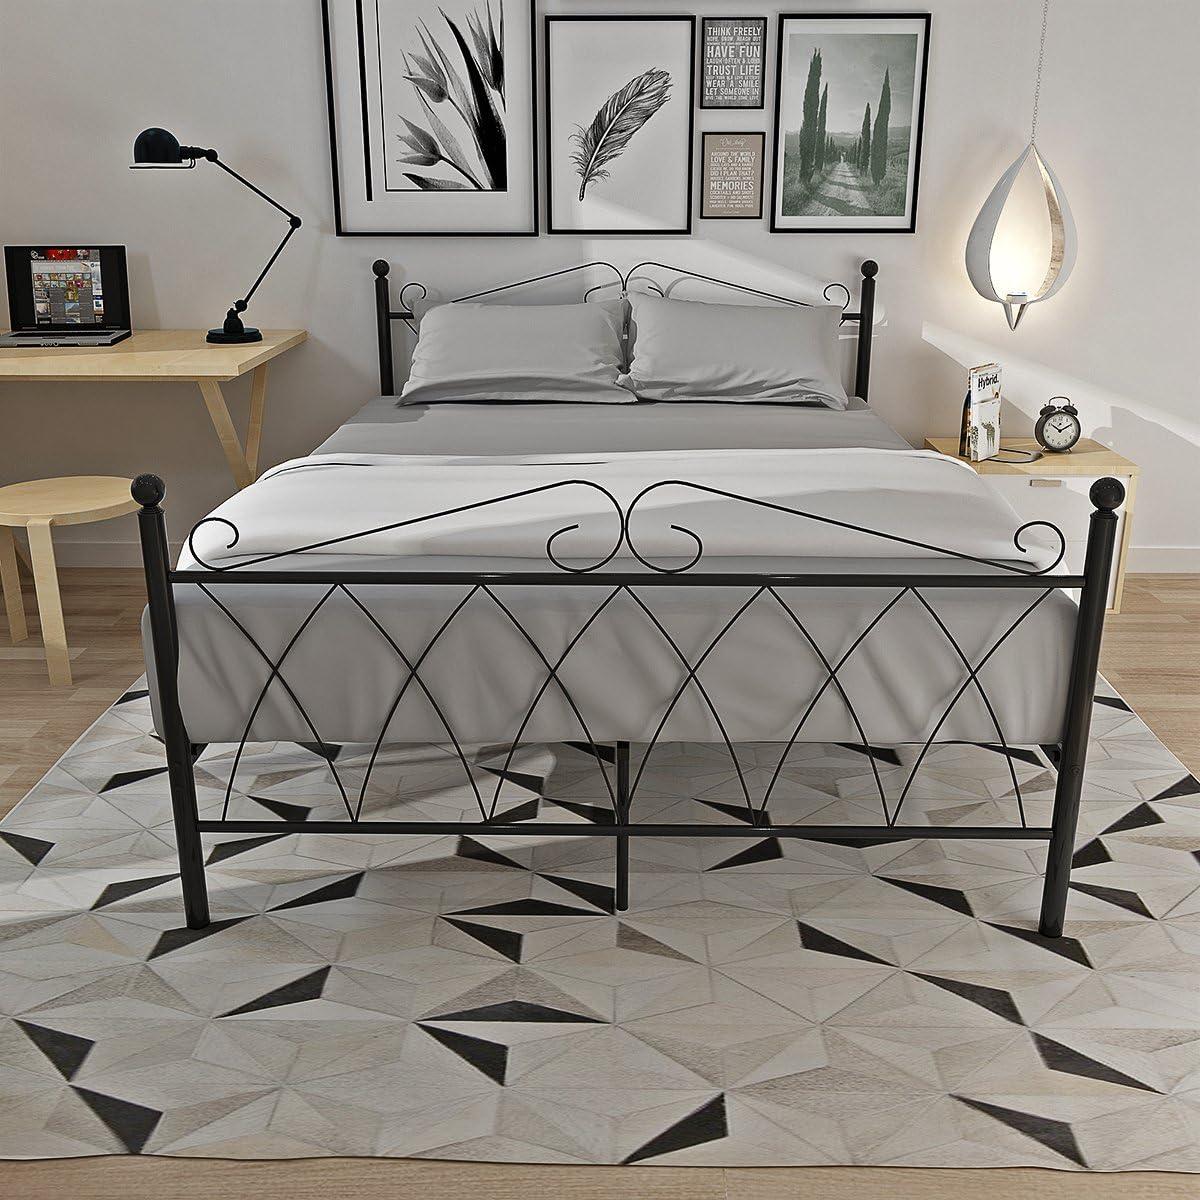 Marco para cama de 90 cm, de metal, con cabecero y piecero, con somier, de 91,44 cm, metal, negro, Double Bed Frame